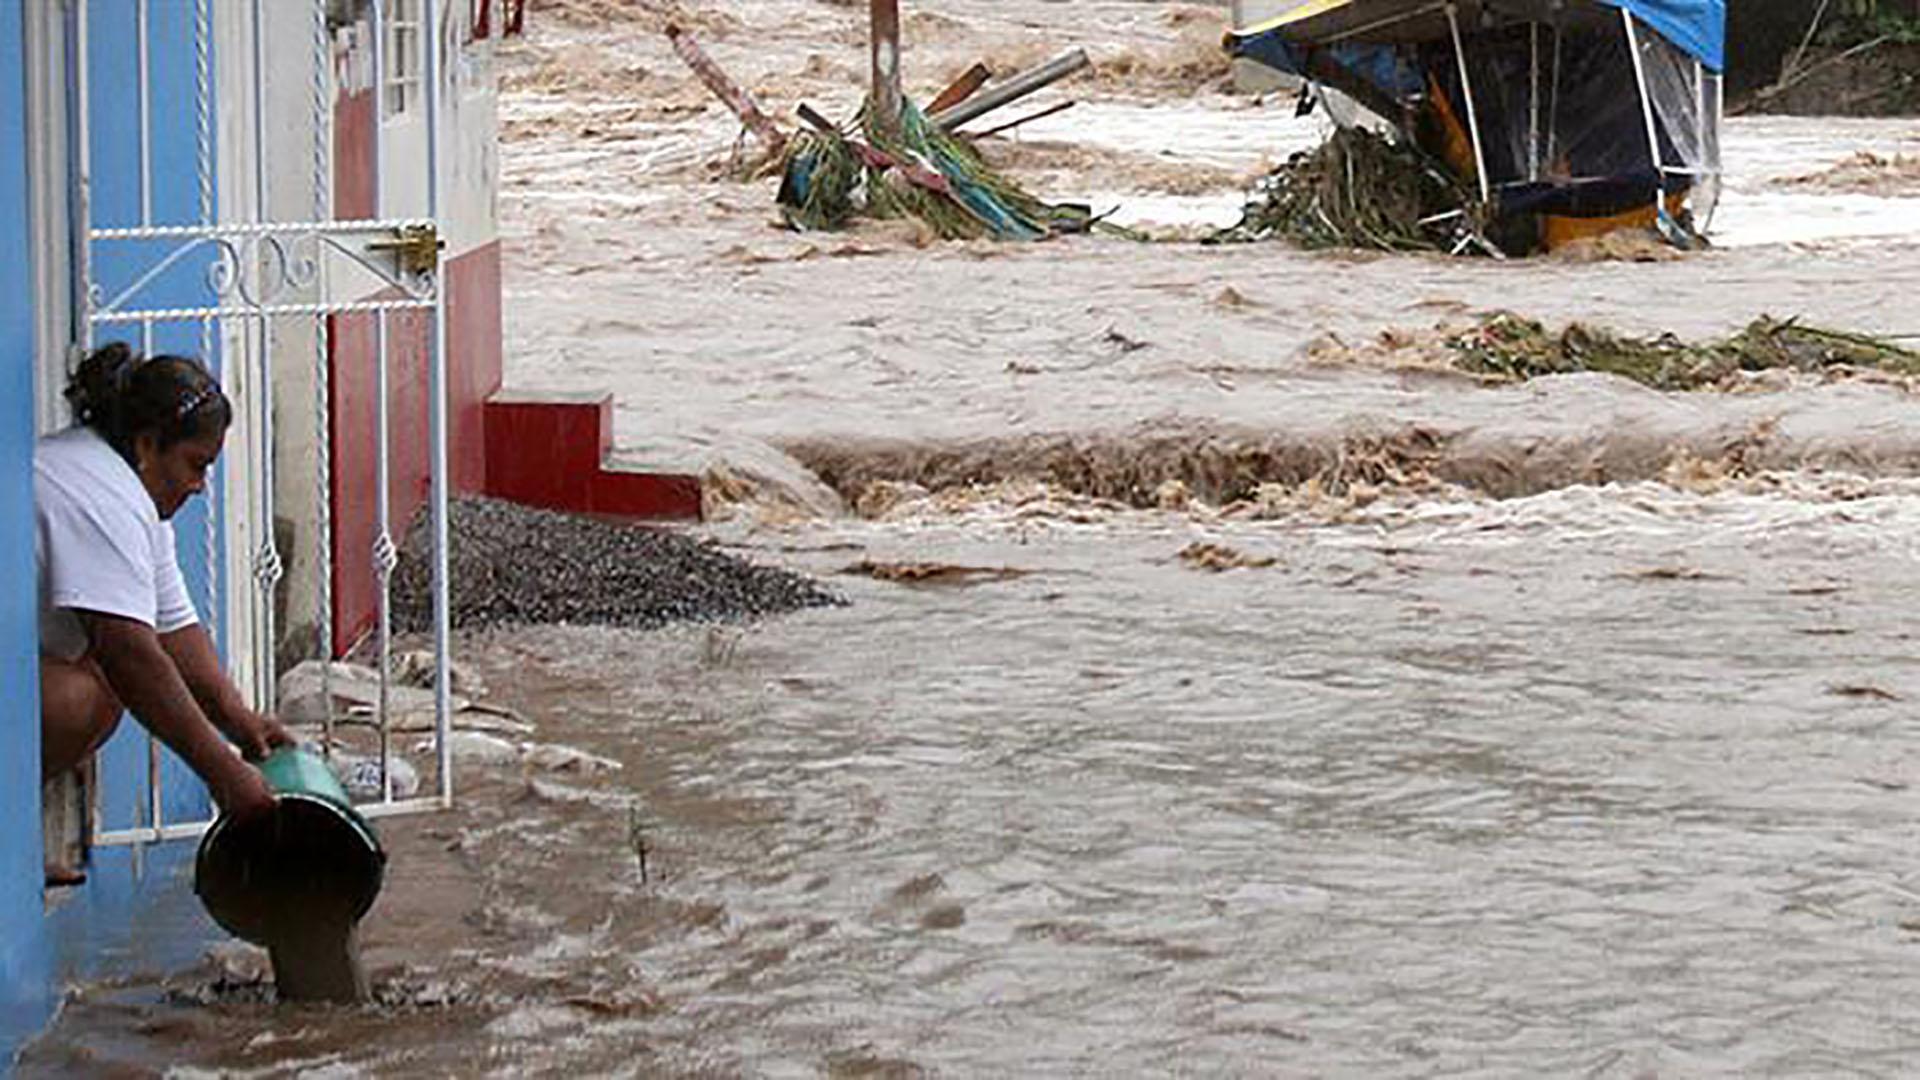 El Atlas Nacional de Riesgos se encarga de difundir conocimientos sobre los peligros e identificación de los riesgos de desastres que se presentan en el país derivados de los fenómenos de origen geológico, hidrometeorológico, químico, sanitario y socio-organizativo